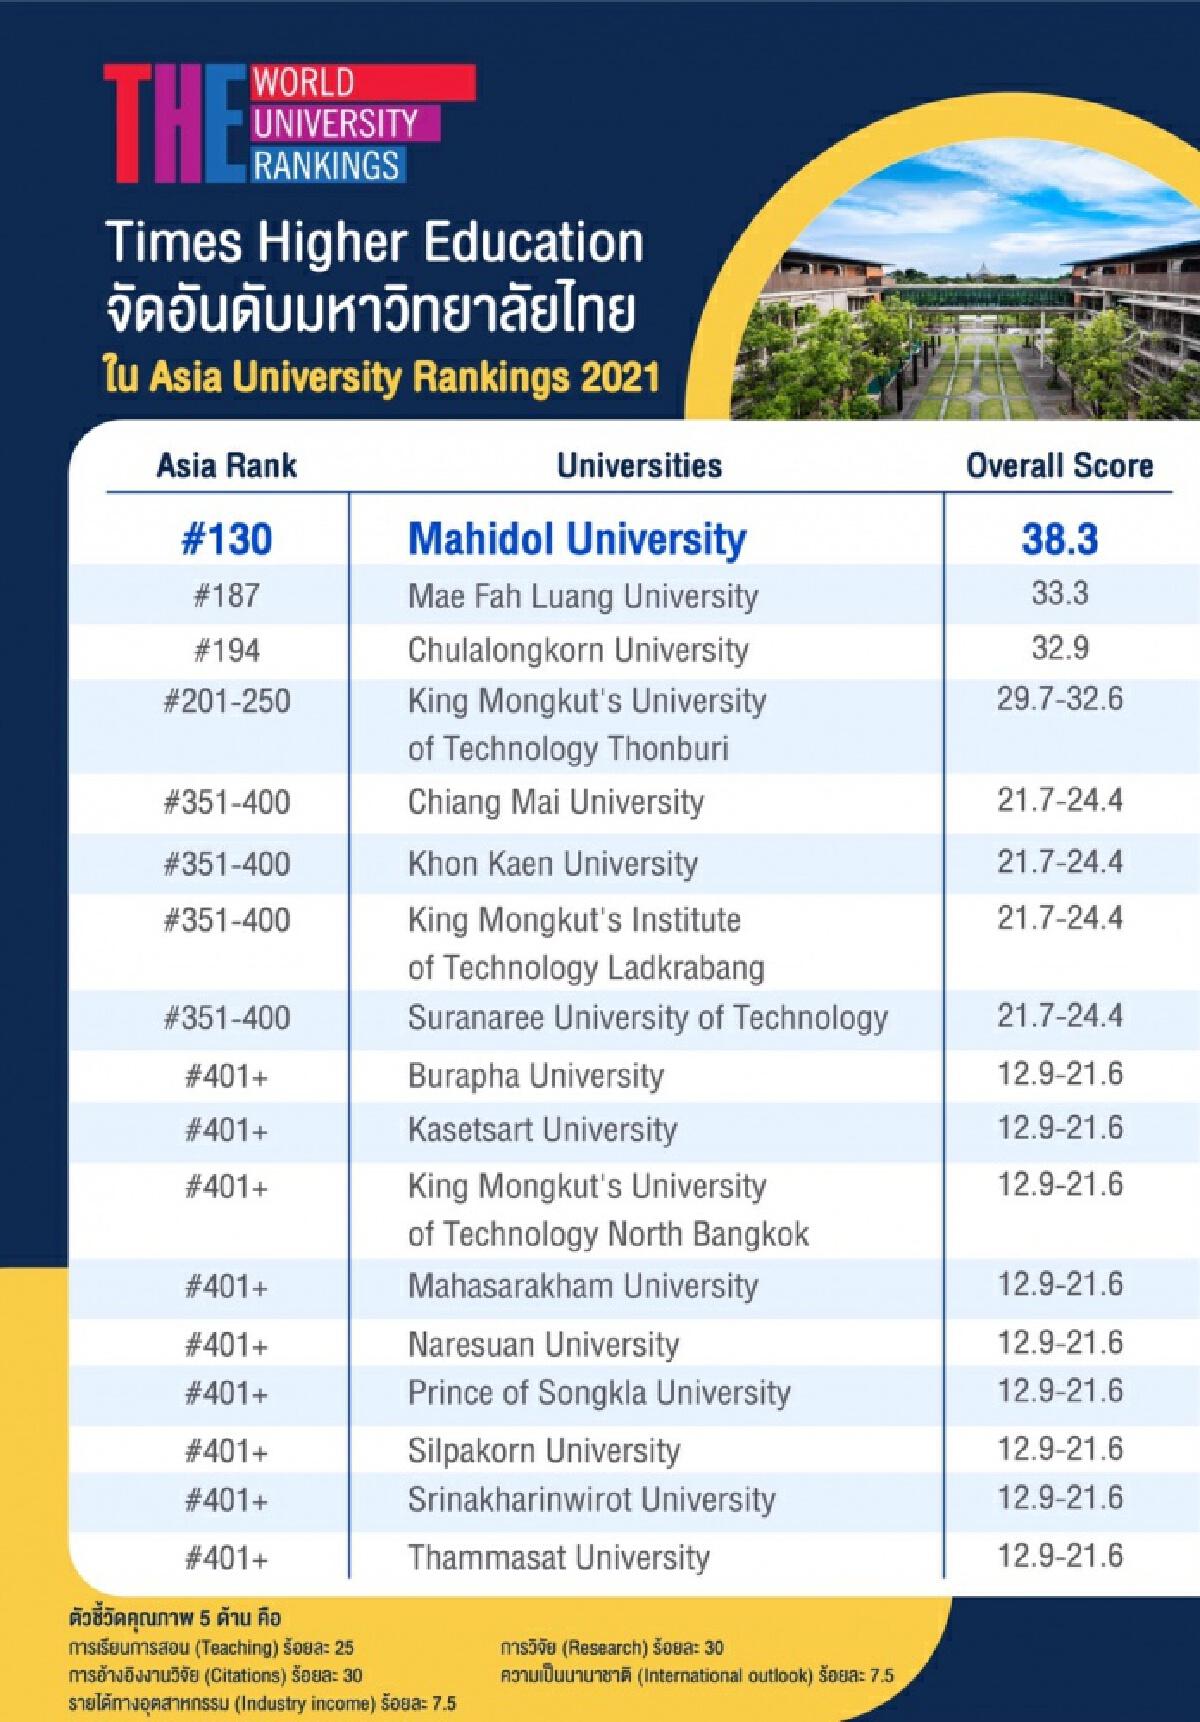 ม.มหิดล ได้ที่ 1 ของไทยในภาพรวม (Overall Ranking)